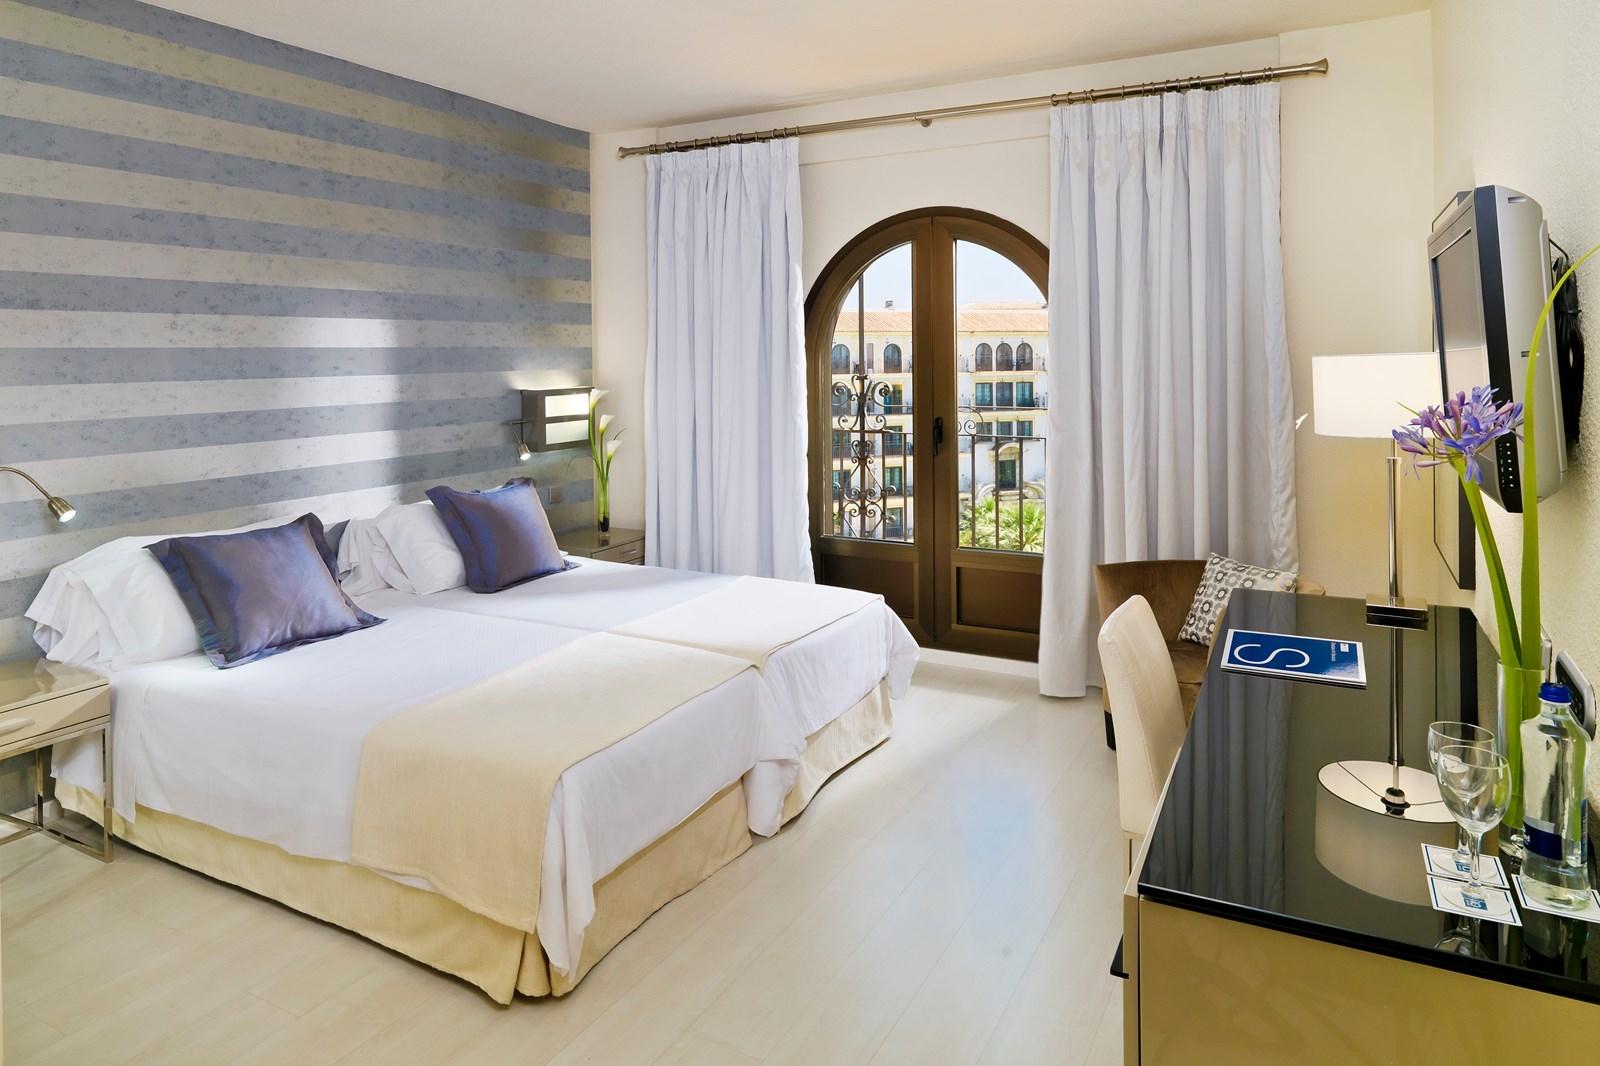 Andalucia plaza h10 hotel puerto banus costa del sol for Corendon telefoonnummer